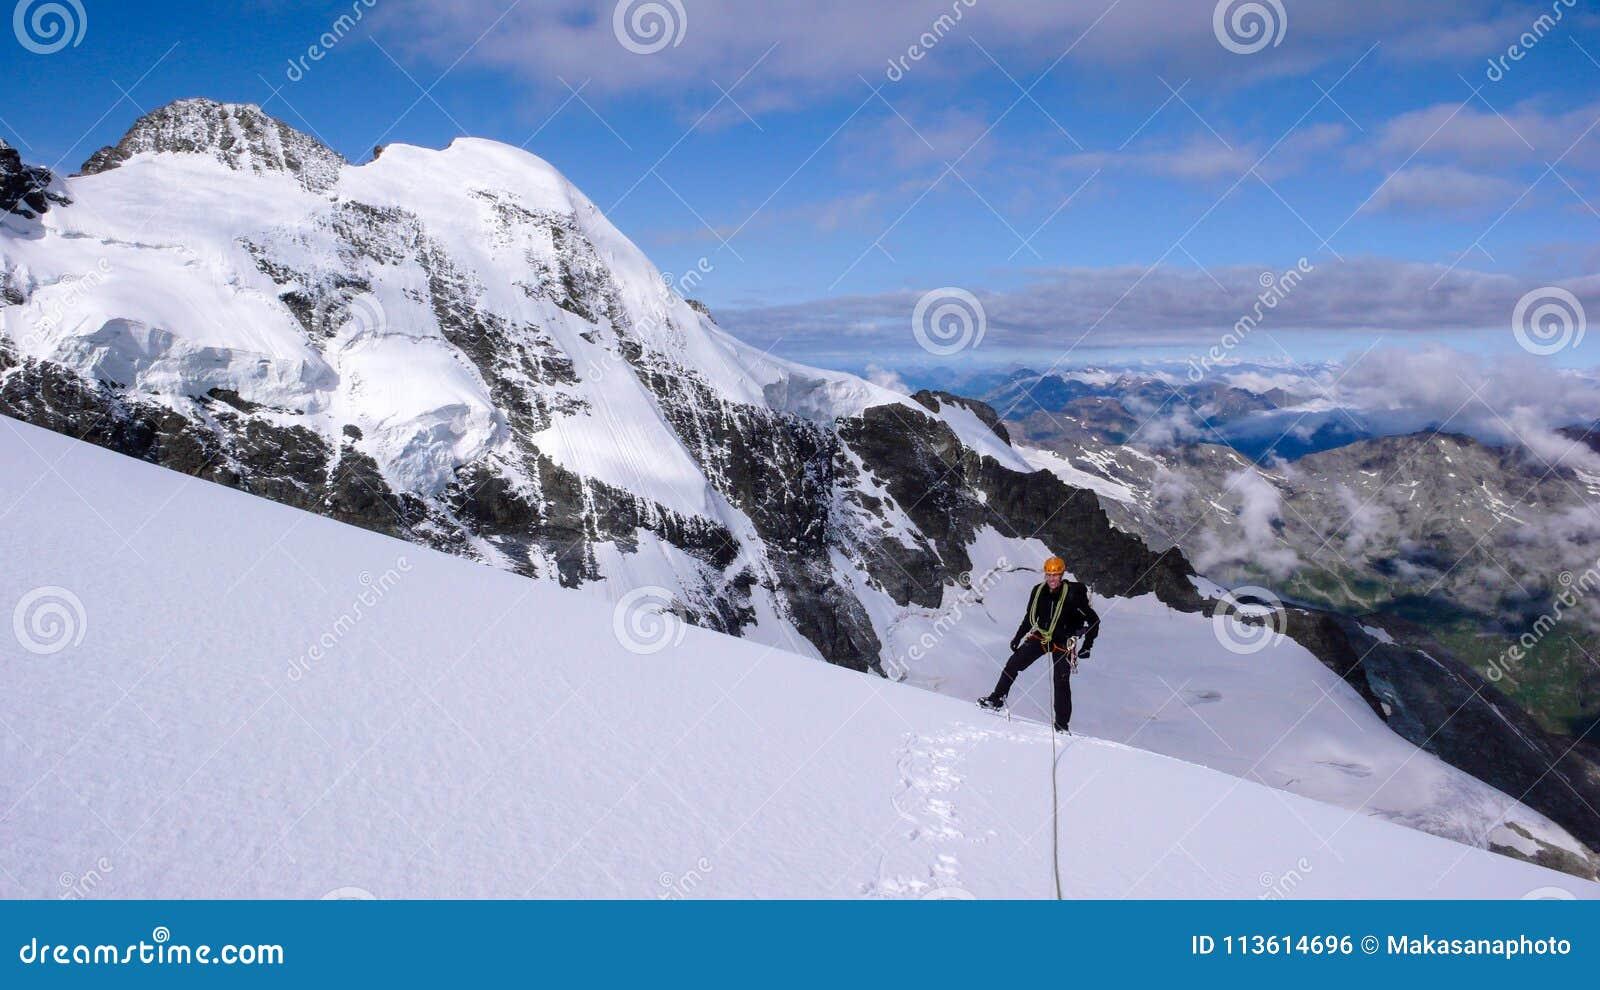 Αρσενικός ορειβάτης βουνών σε έναν υψηλό αλπικό παγετώνα με μια μεγάλη άποψη του φανταστικού τοπίου βουνών πίσω από τον